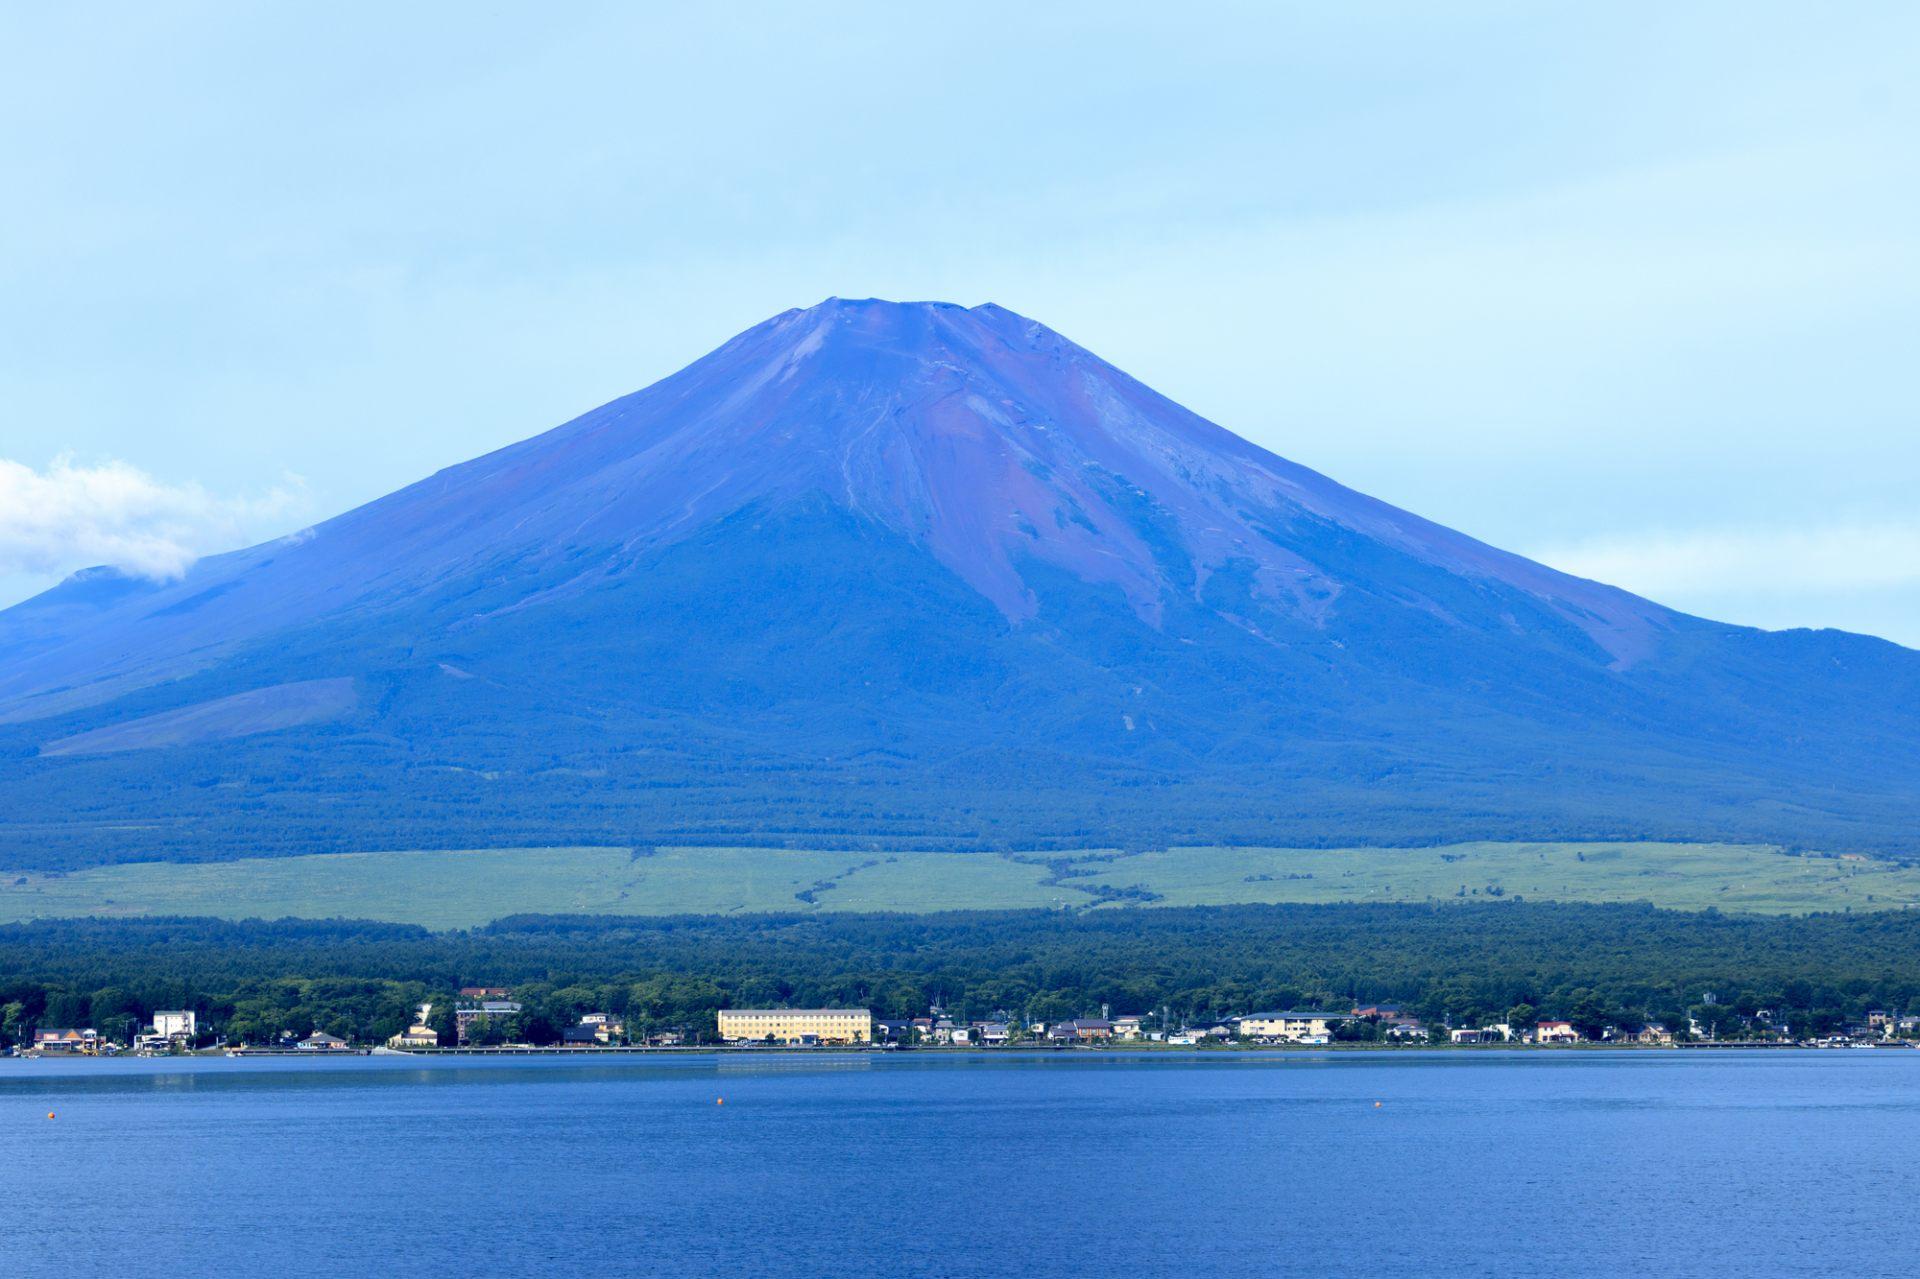 Lake Yamanaka, Mt. Fuji